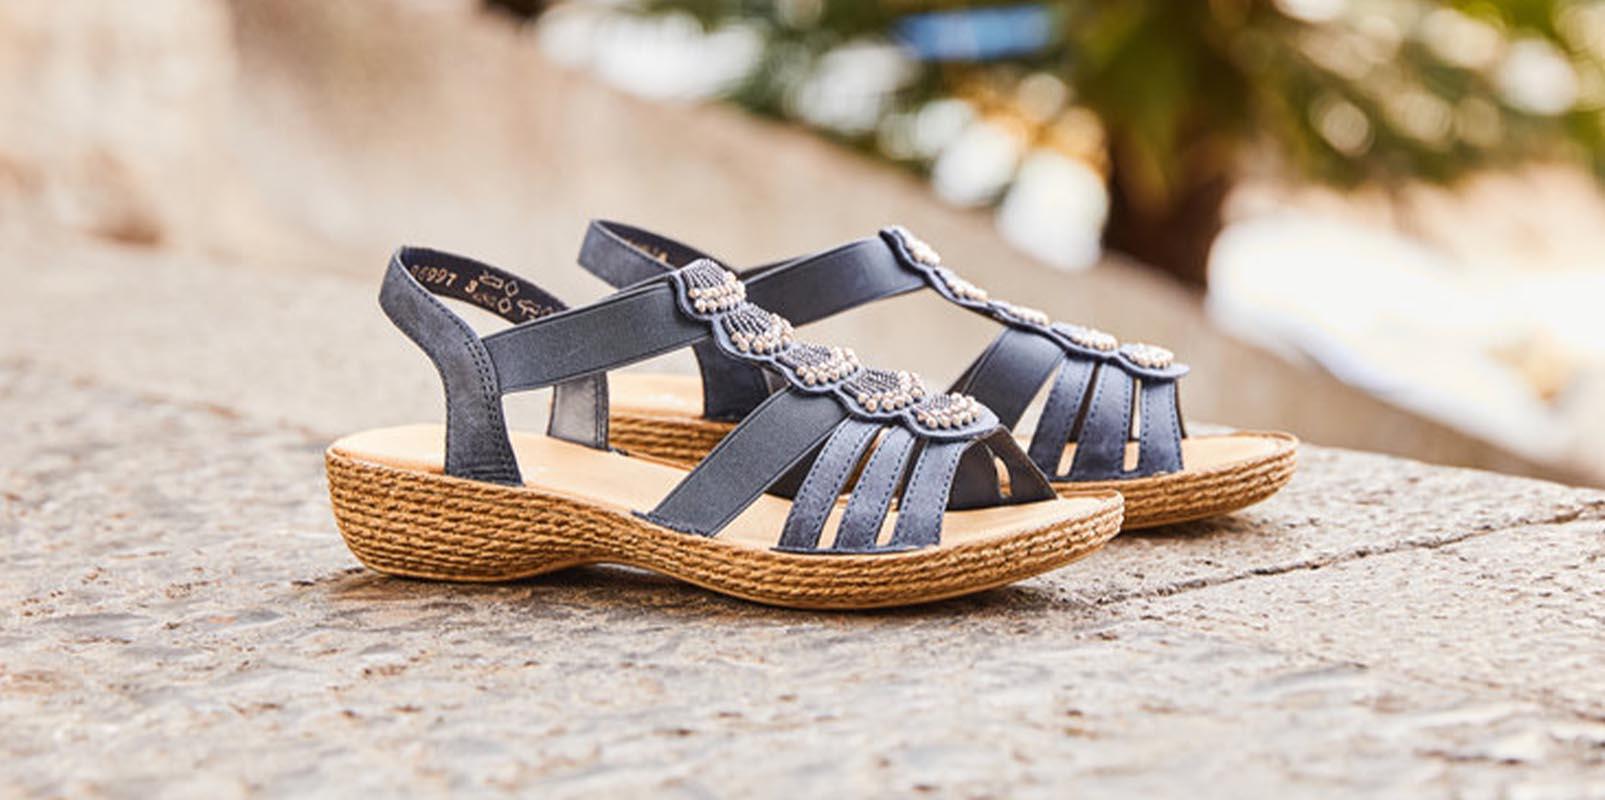 Rieker-Sandales-cuir-marine-brides-bijou